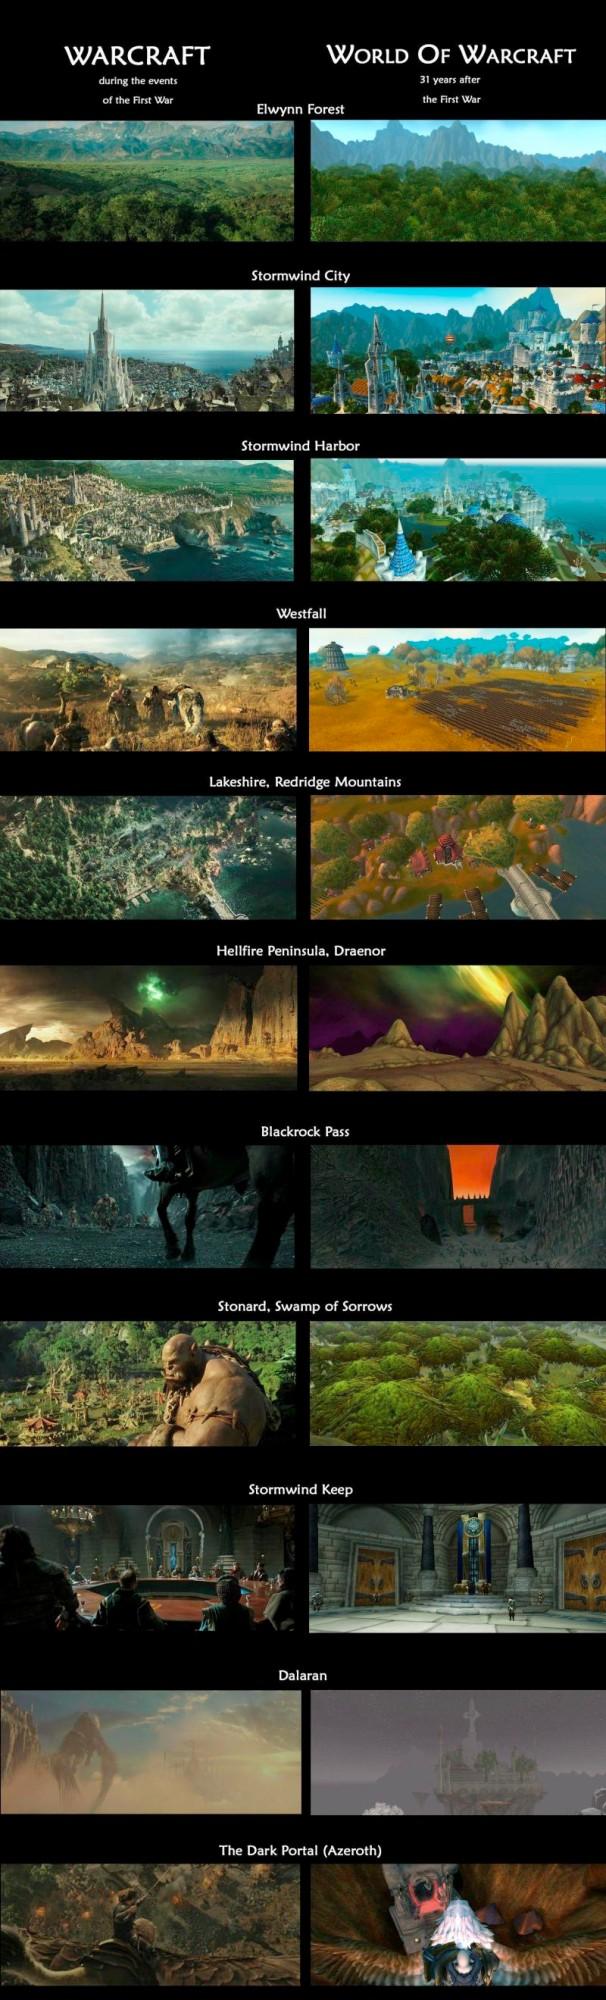 warcraft-movie-game-comparison